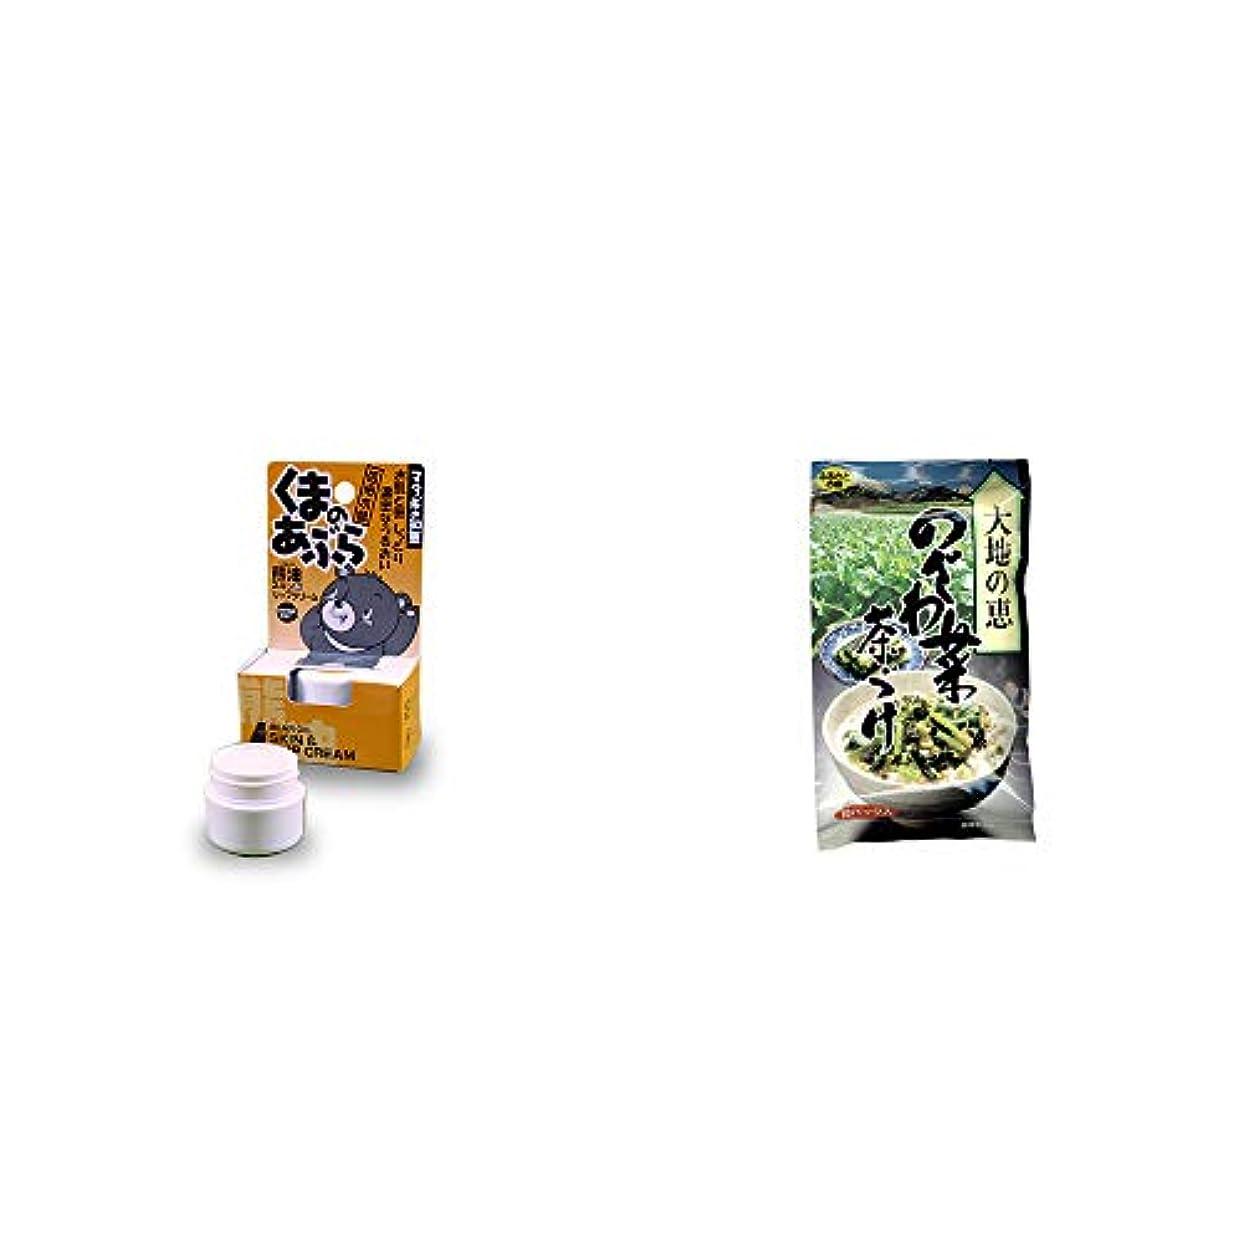 ゼリー編集者求める[2点セット] 信州木曽 くまのあぶら 熊油スキン&リップクリーム(9g)?特選茶漬け 大地の恵 のざわ菜茶づけ(10袋入)